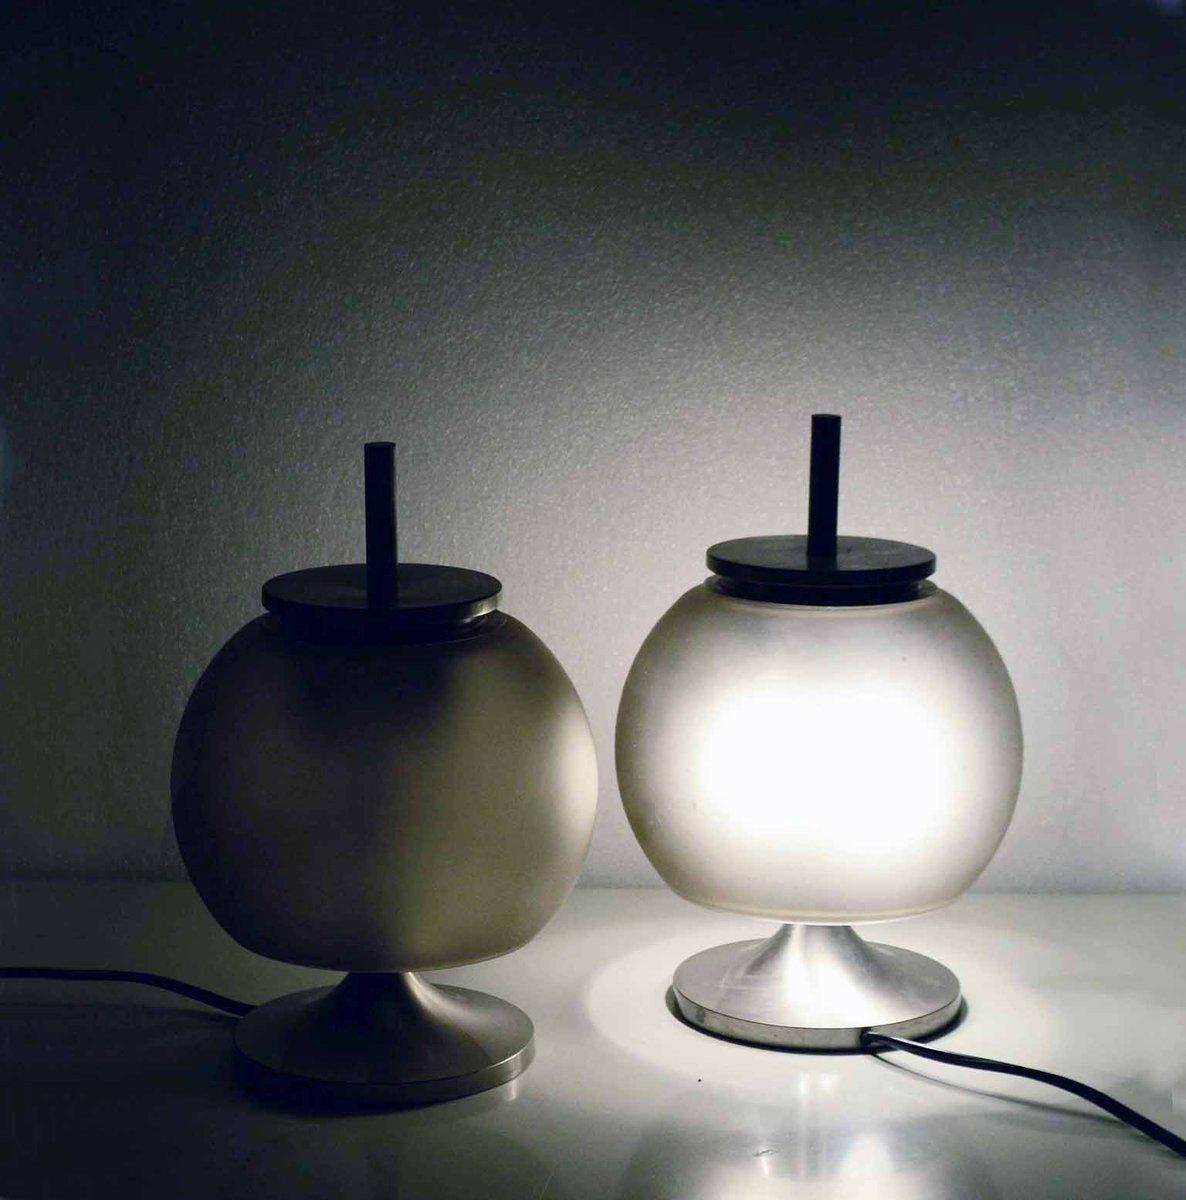 Lampade da tavolo chi di emma gismondi schweinberger per - Kit per lampade da tavolo ...